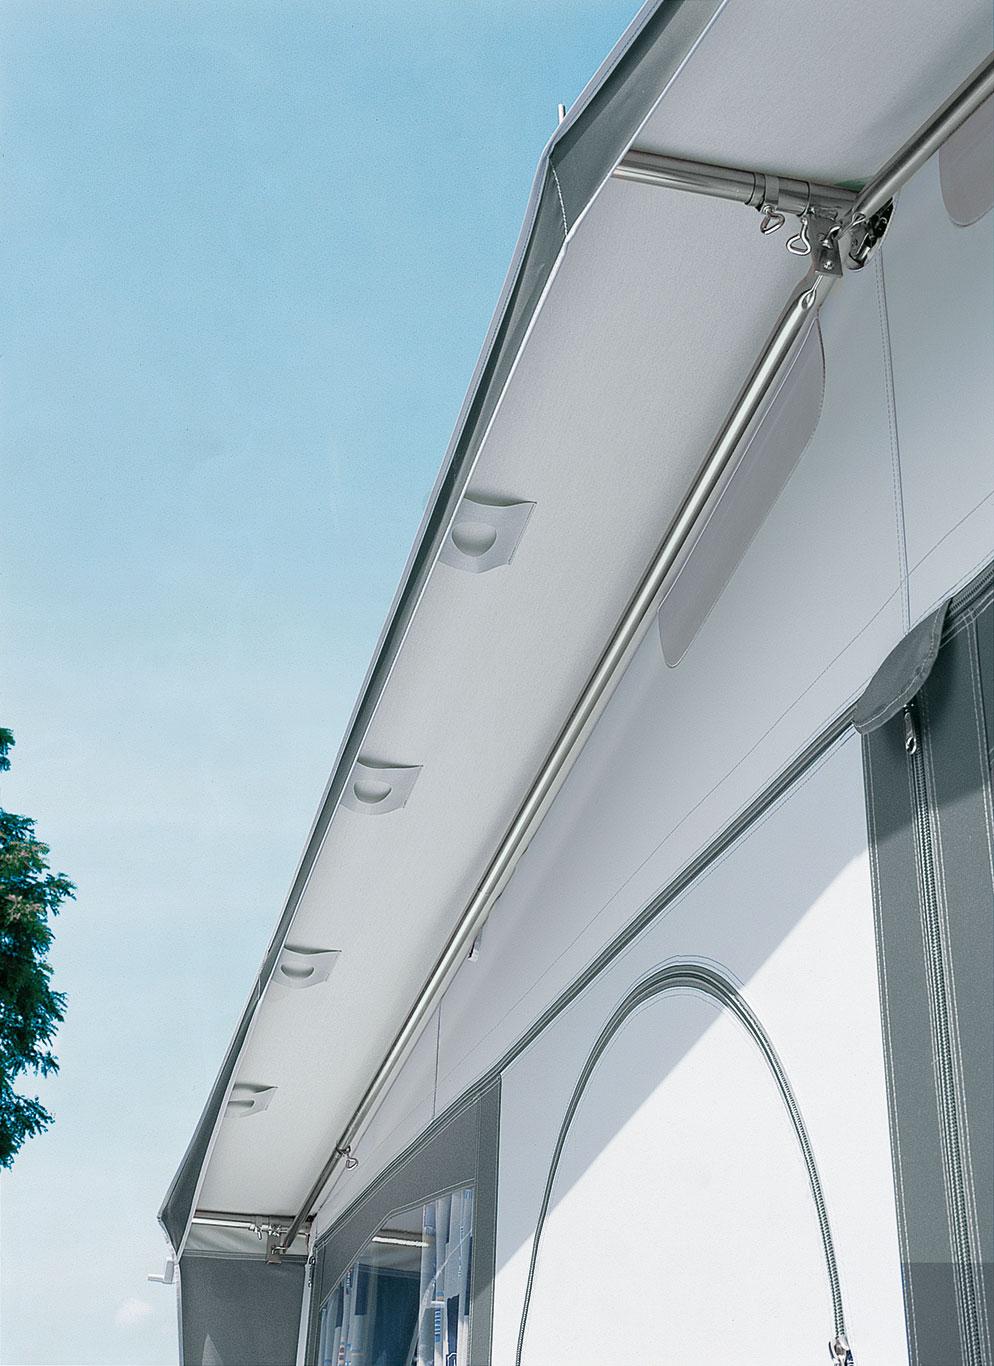 ... Giebelstangen im Vorzeltvordach fixieren das Sonnendach und sorgen für eine optimale Passform.